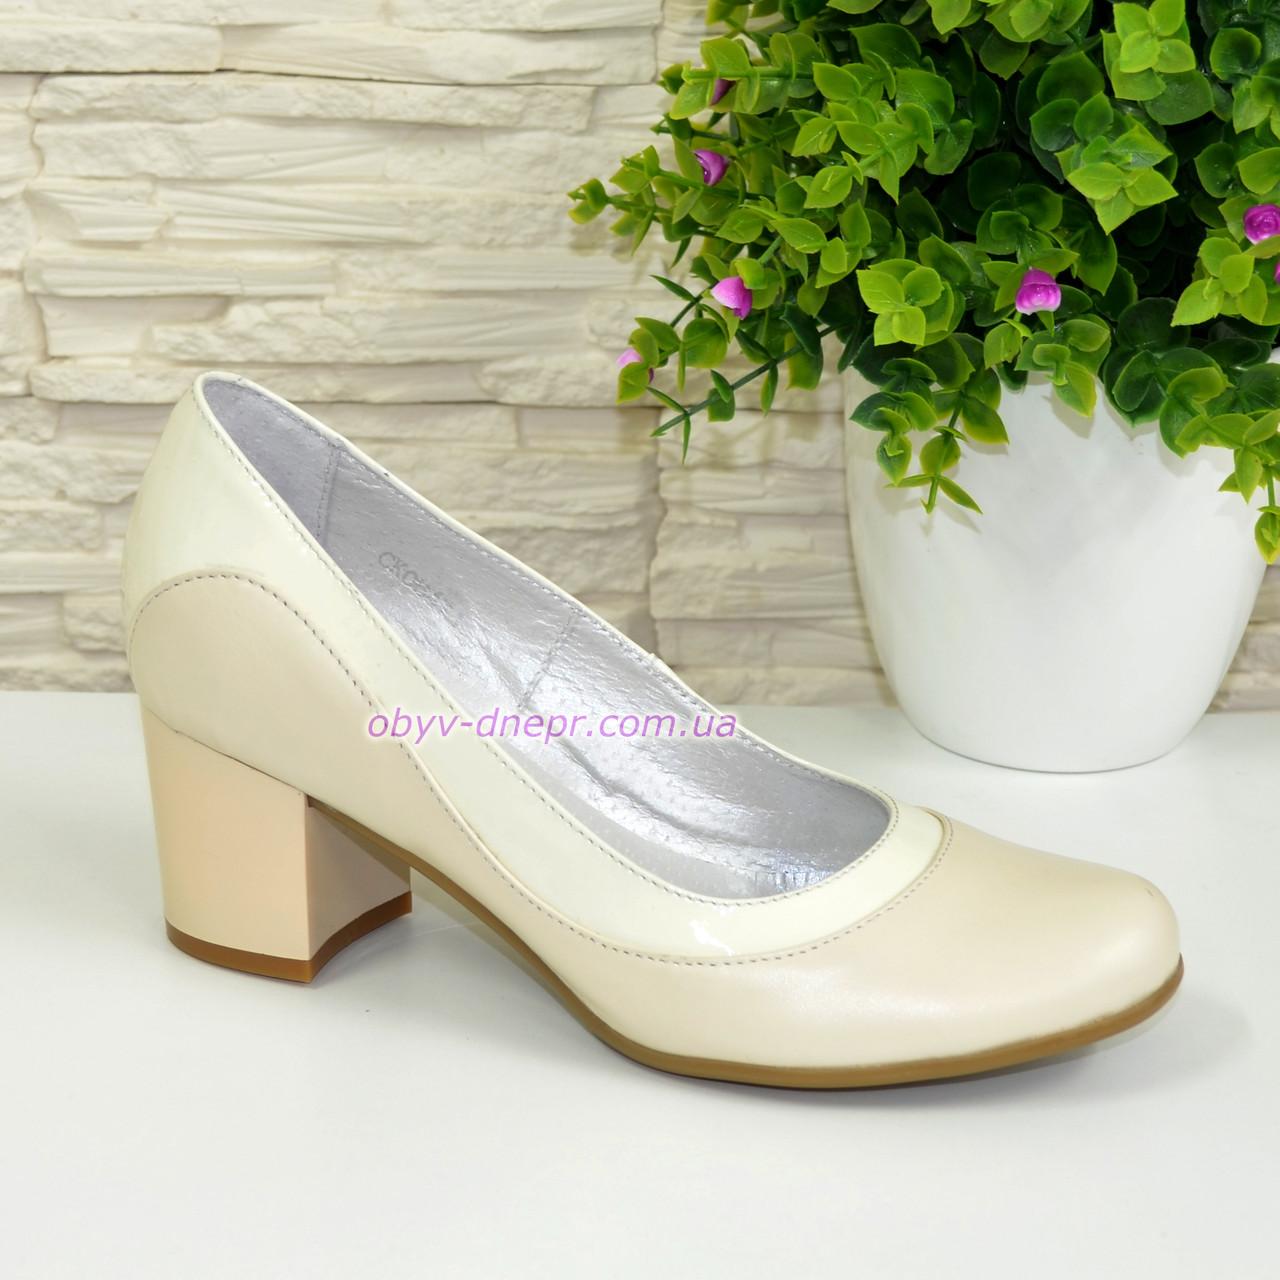 Женские классические бежевые туфли на невысоком устойчивом каблуке, натуральные лак и кожа